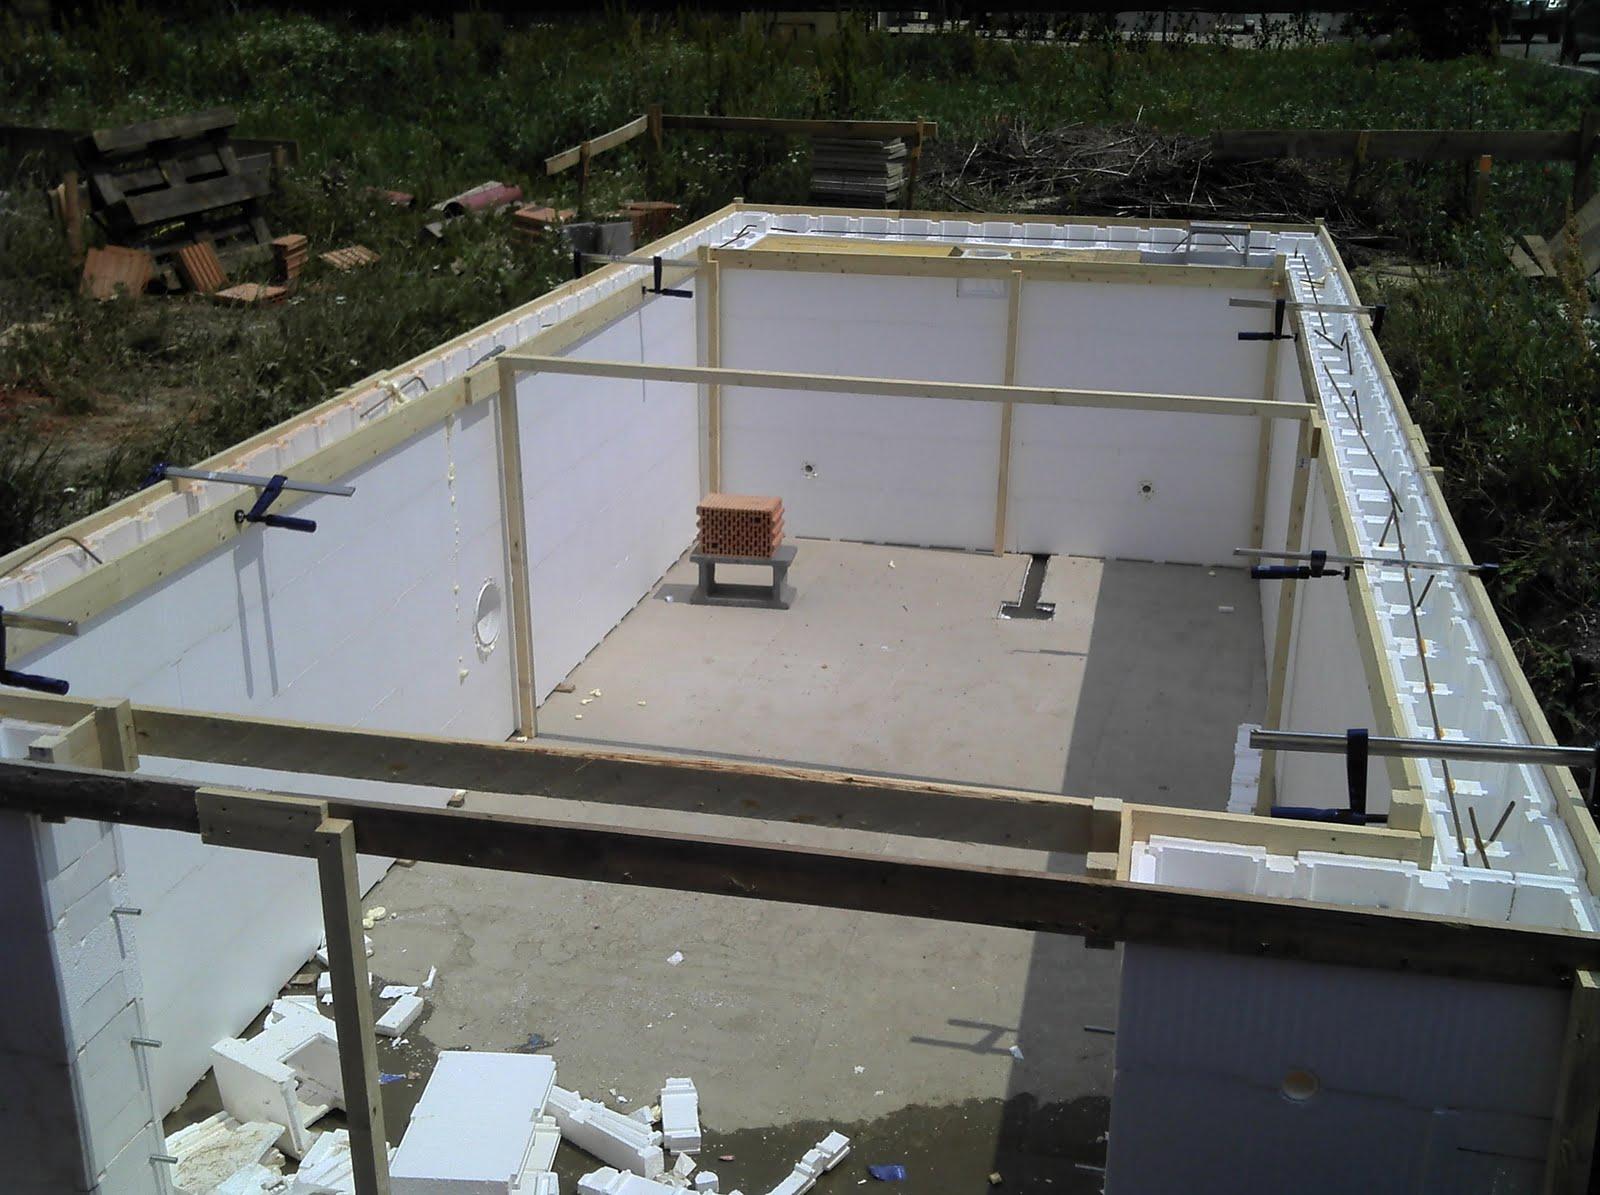 hausbau das tor zur h lle der pool kann betoniert werden 14 6. Black Bedroom Furniture Sets. Home Design Ideas